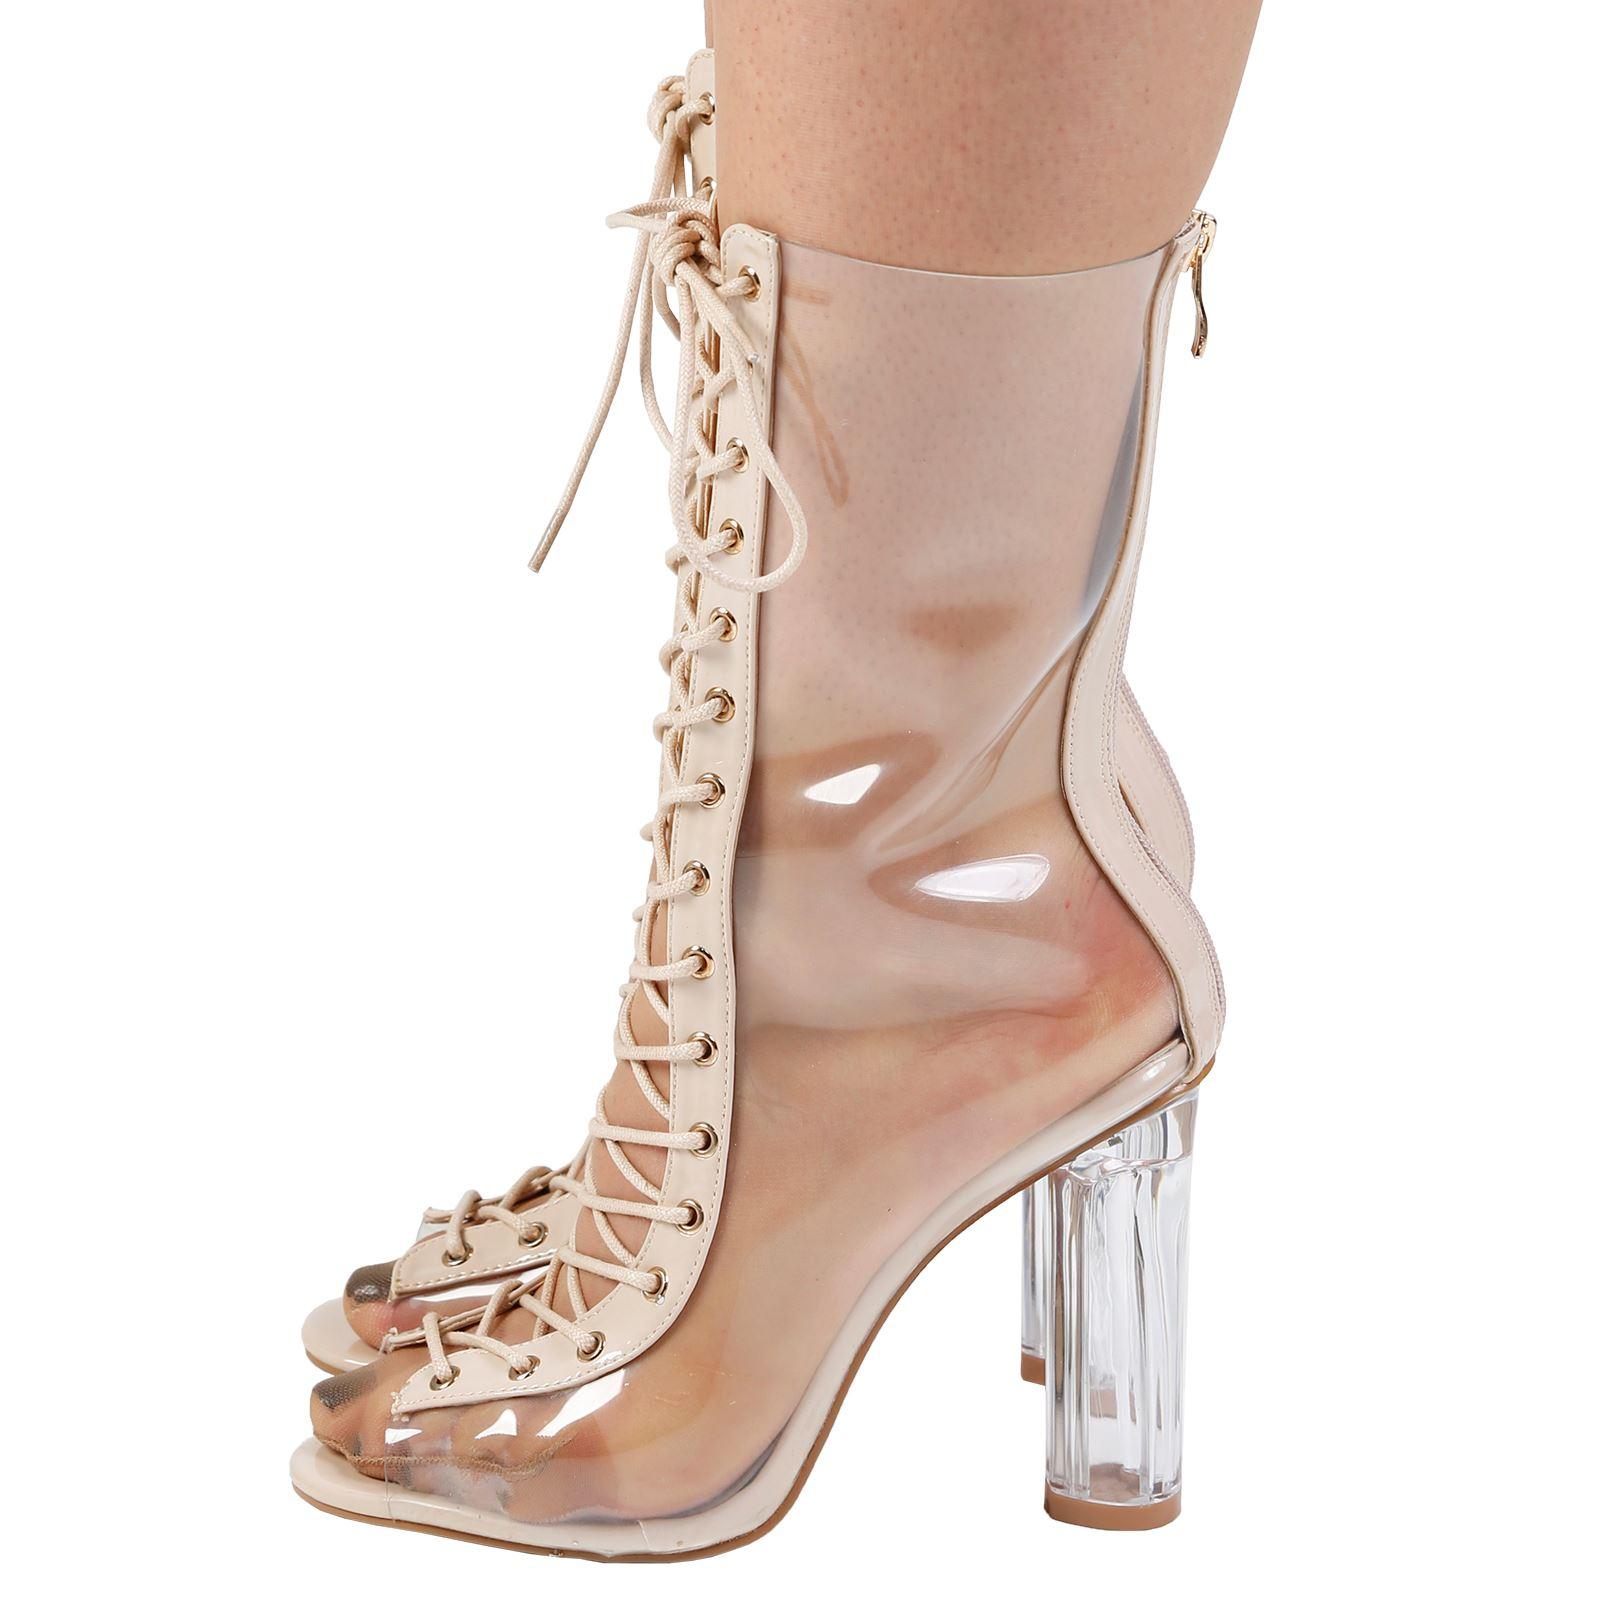 Mujer de las Señoras Botas al tobillo con Cordones de bloque de Perspex Transparente Tacón Alto Zapatos De Moda